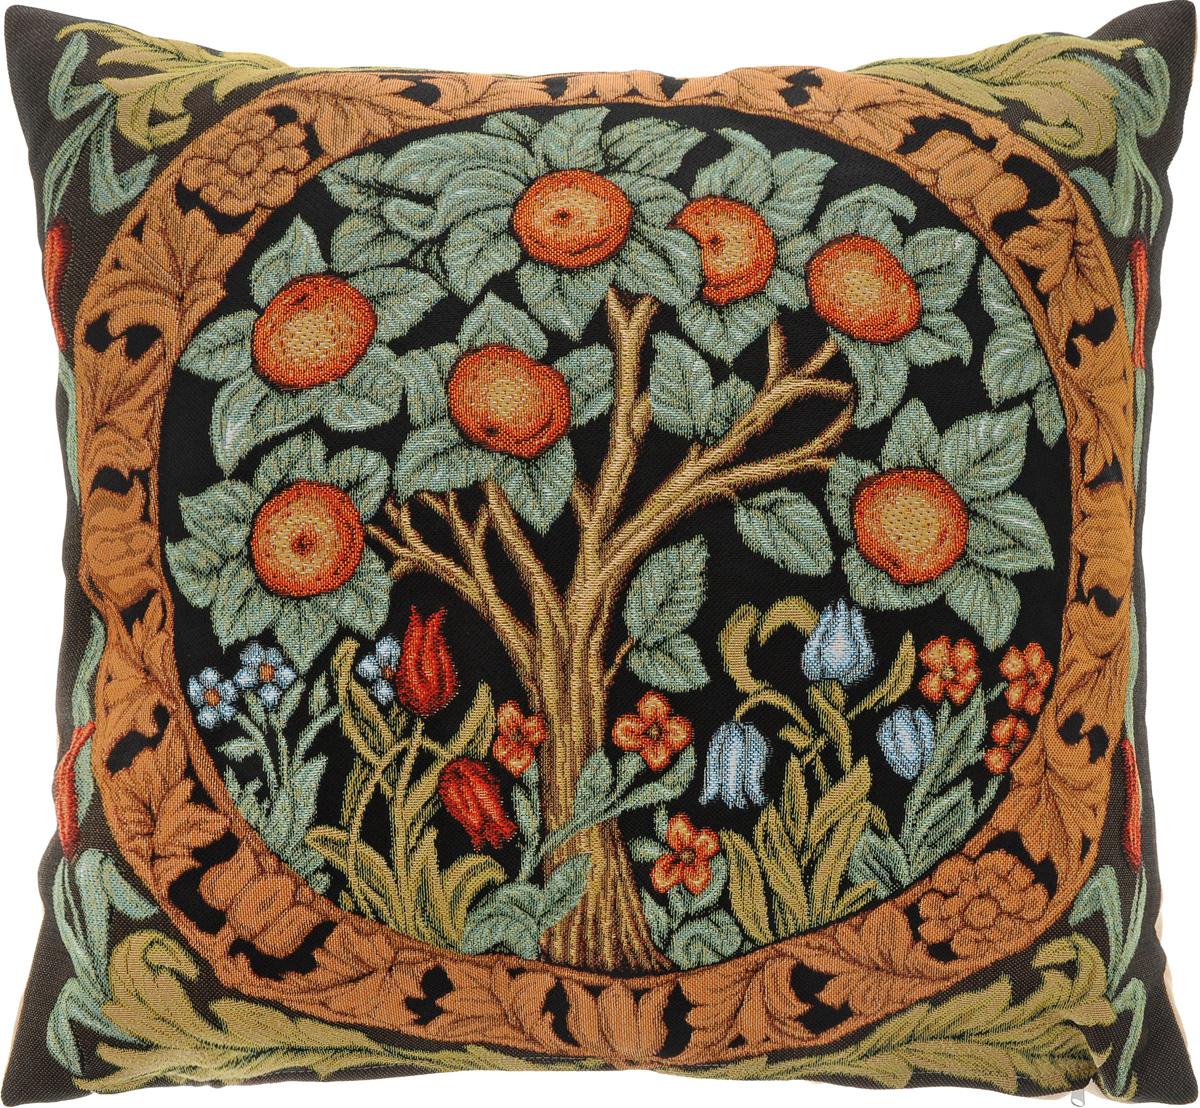 Подушка декоративная Рапира Апельсиновое дерево, 45 х 45 см5286Декоративная подушка Рапира Апельсиновое дерево изготовлена из 50% хлопка и 50% полиэфира. Изделие очень прочное и нежное на ощупь. Лицевая сторона подушки декорирована красочным гобеленовым рисунком, а оборотная сторона - однотонная ткань, похожая на плюш. Чехол подушки снабжен удобной молнией. Наполнитель - полиэфир. Подушка Рапира Апельсиновое дерево станет приятным дополнением к интерьеру любой комнаты.Размер подушки: 45 х 45 см.